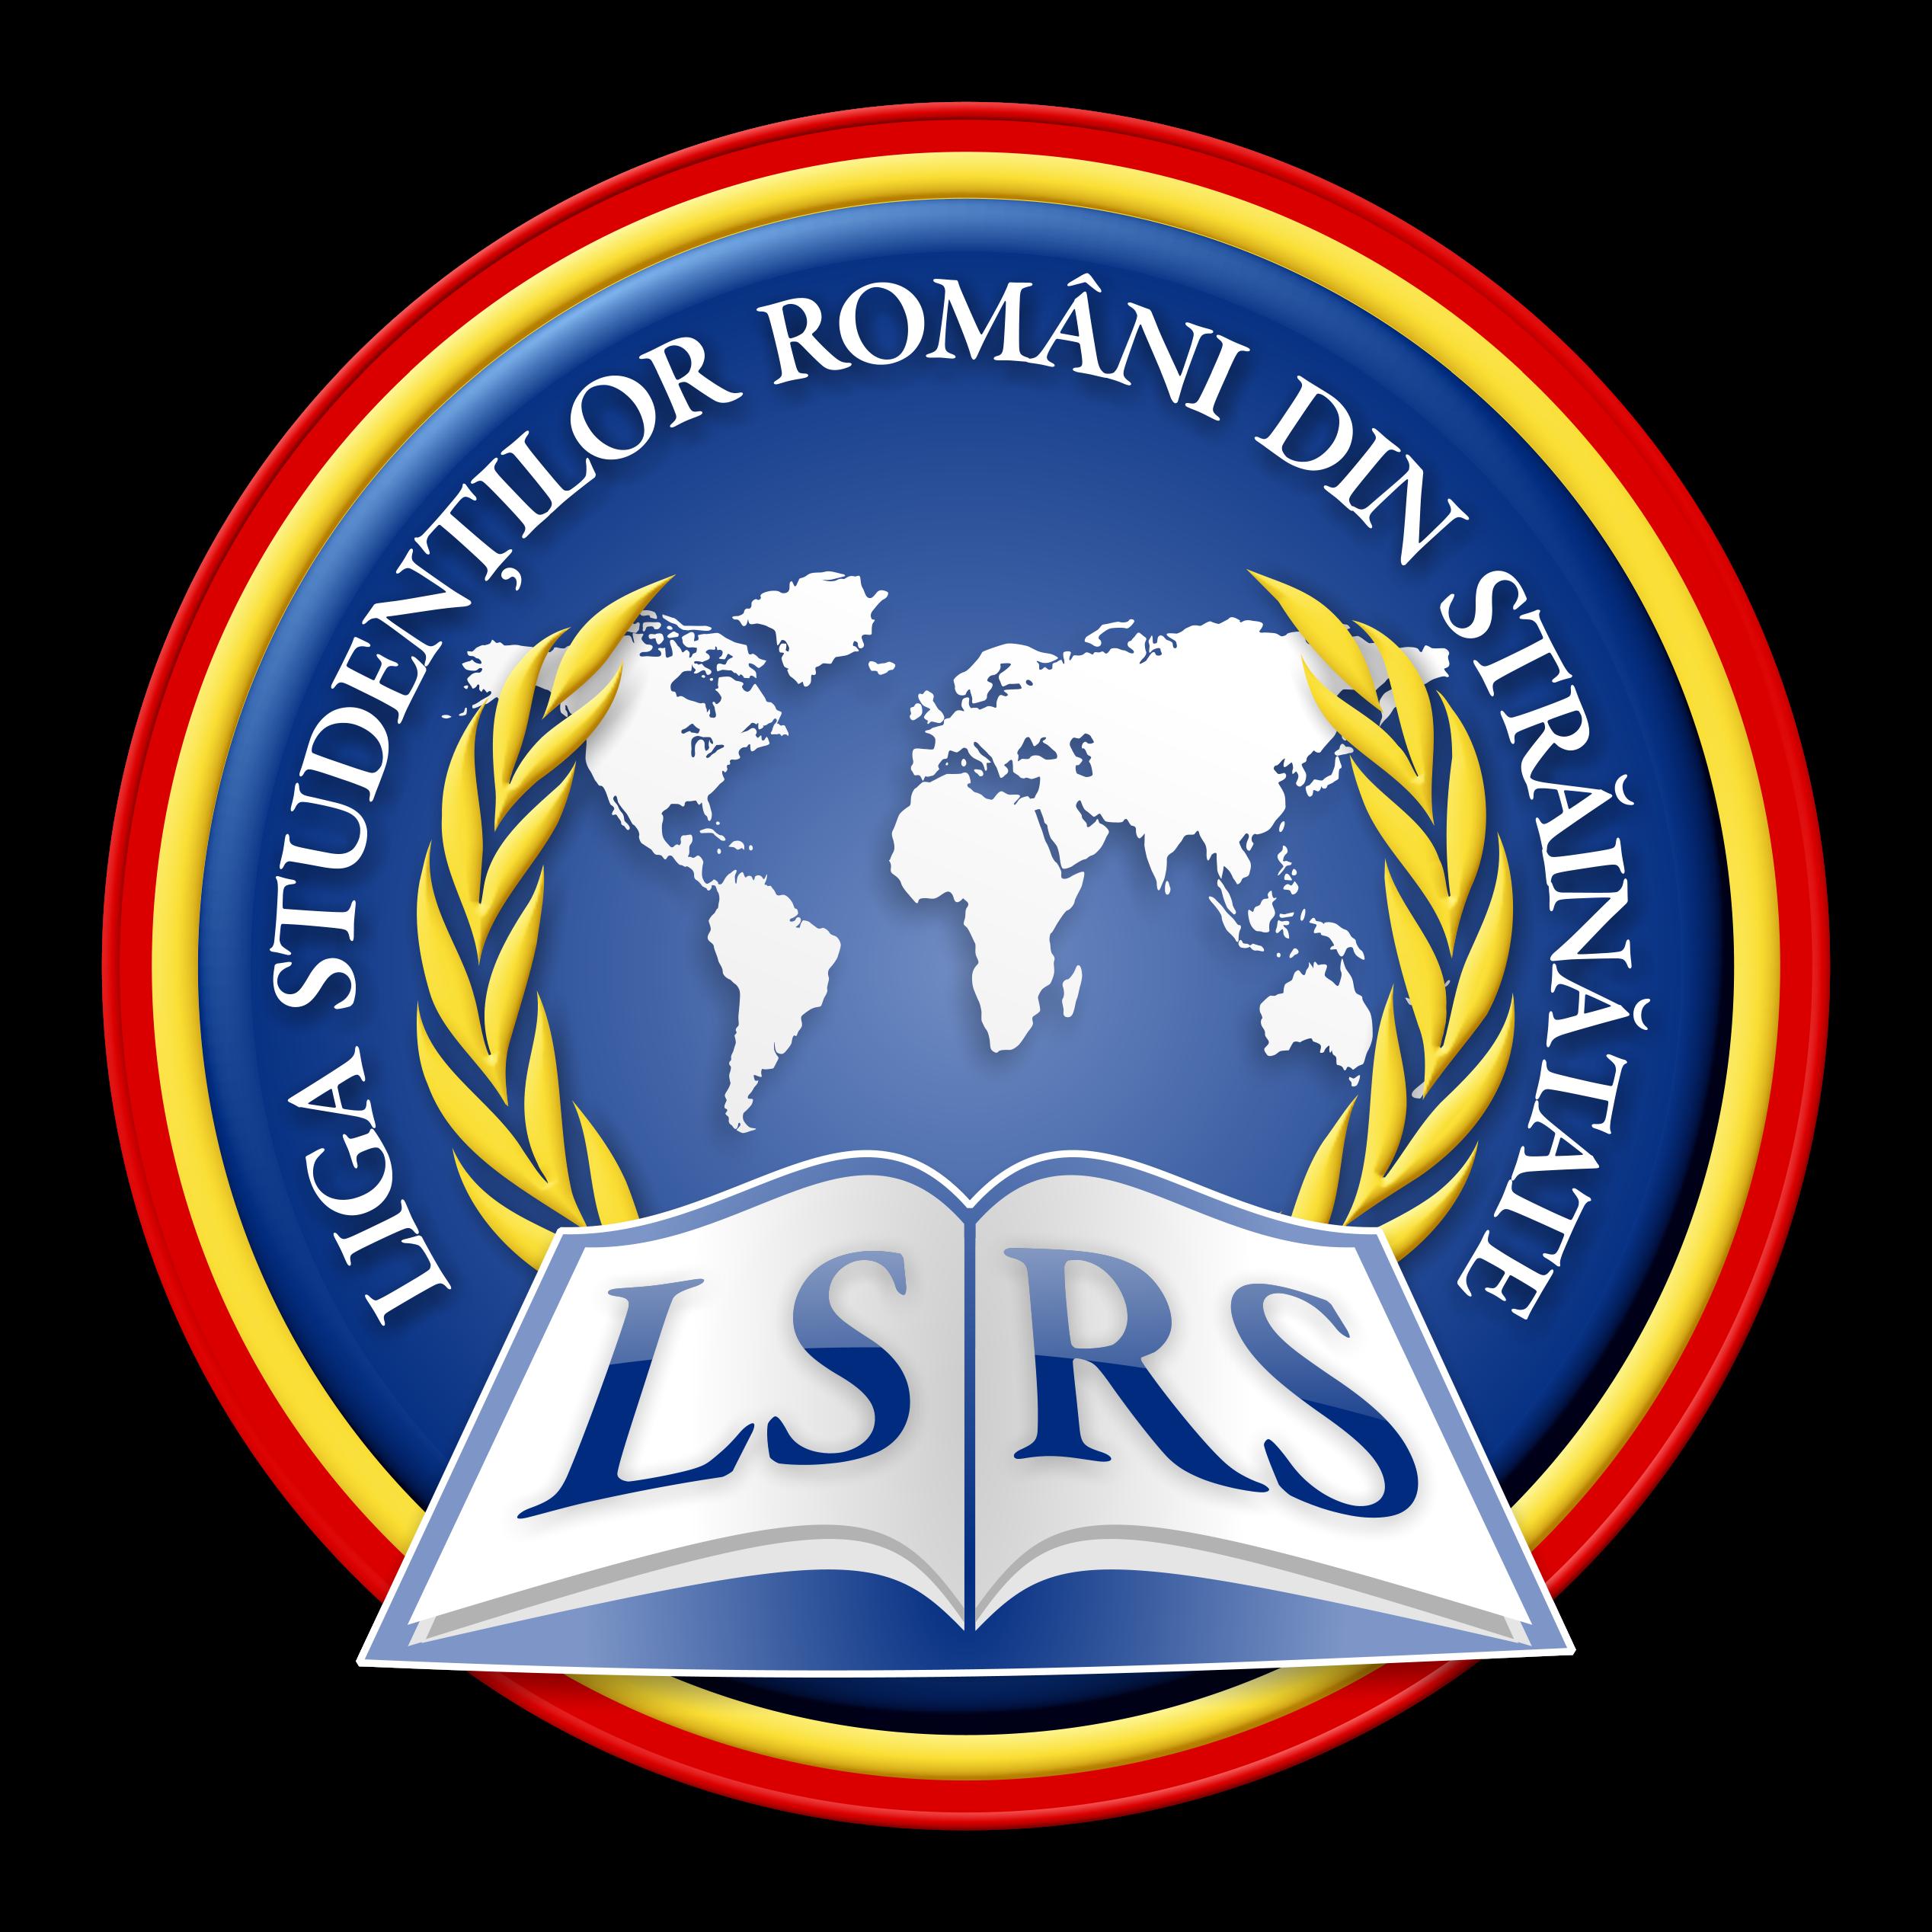 LSRS - Liga Studenților Români din Străinătate